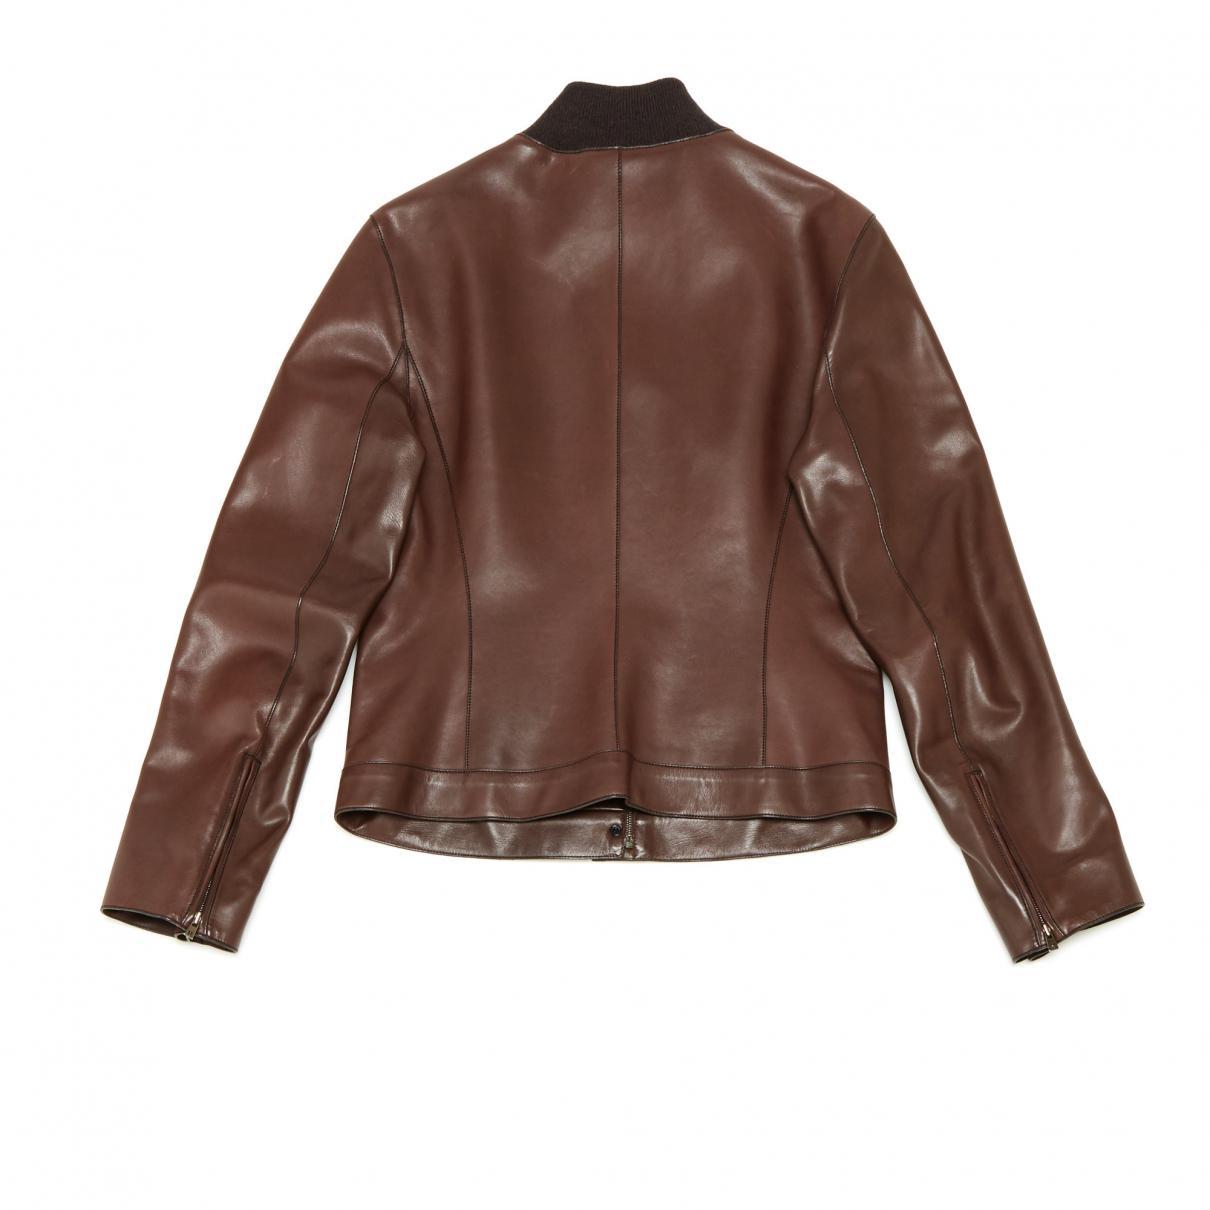 3663a6e1dcd Lyst - Blouson en cuir Hermès en coloris Marron